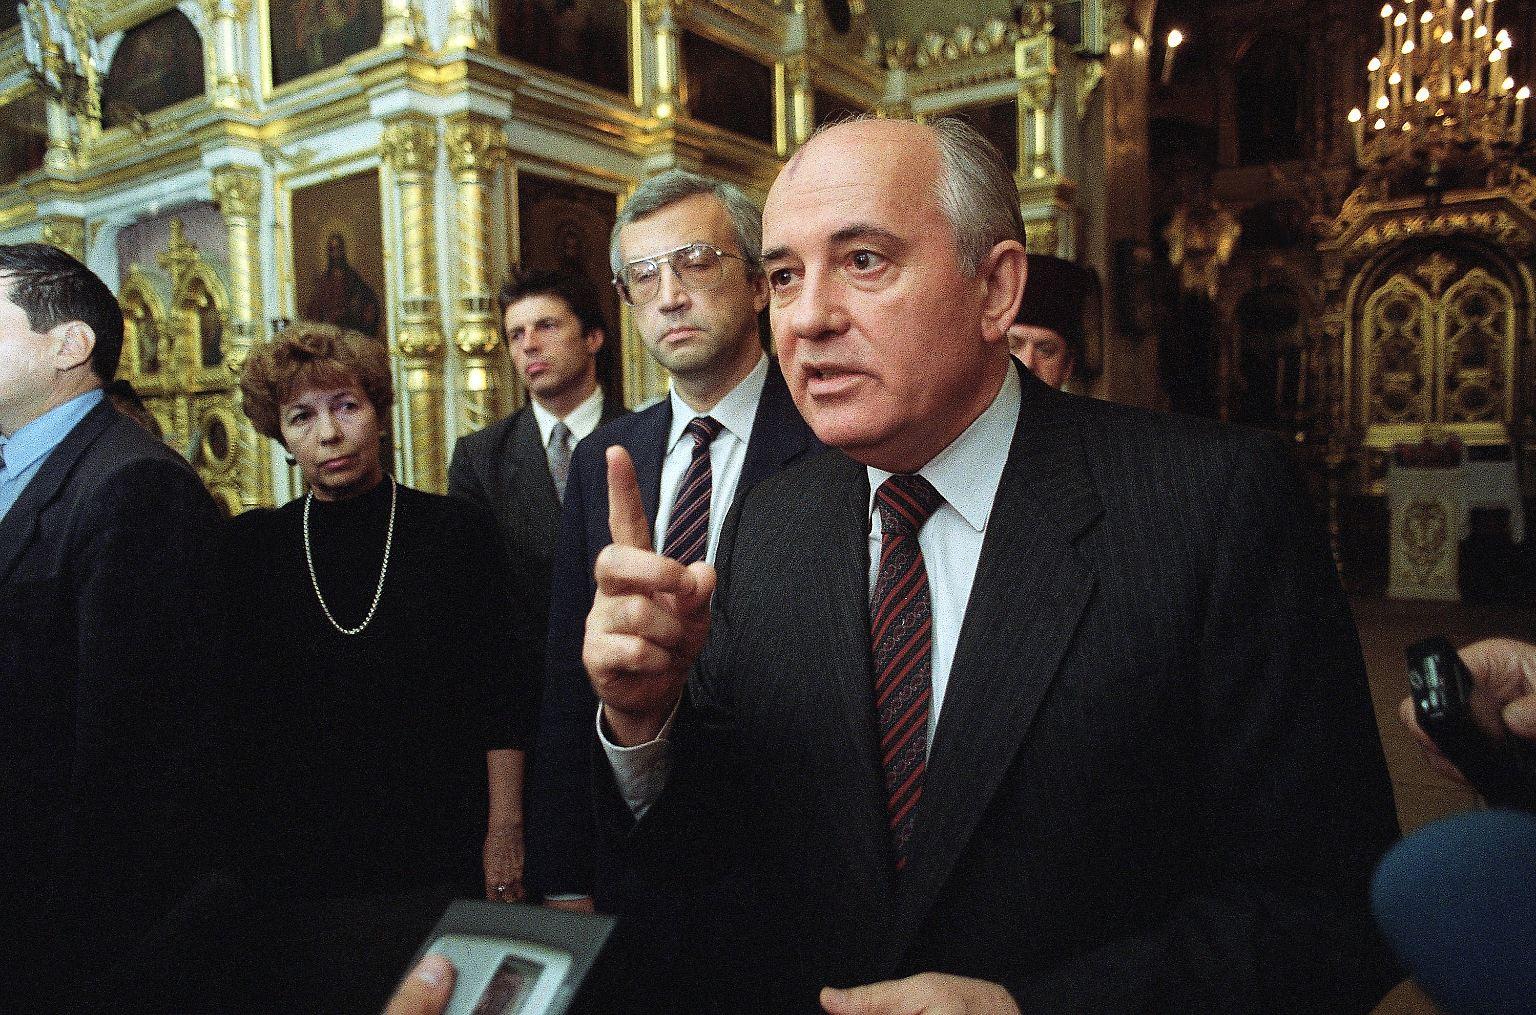 Gorbatschow_spricht_zu_Jopurnalisten_1992.jpg